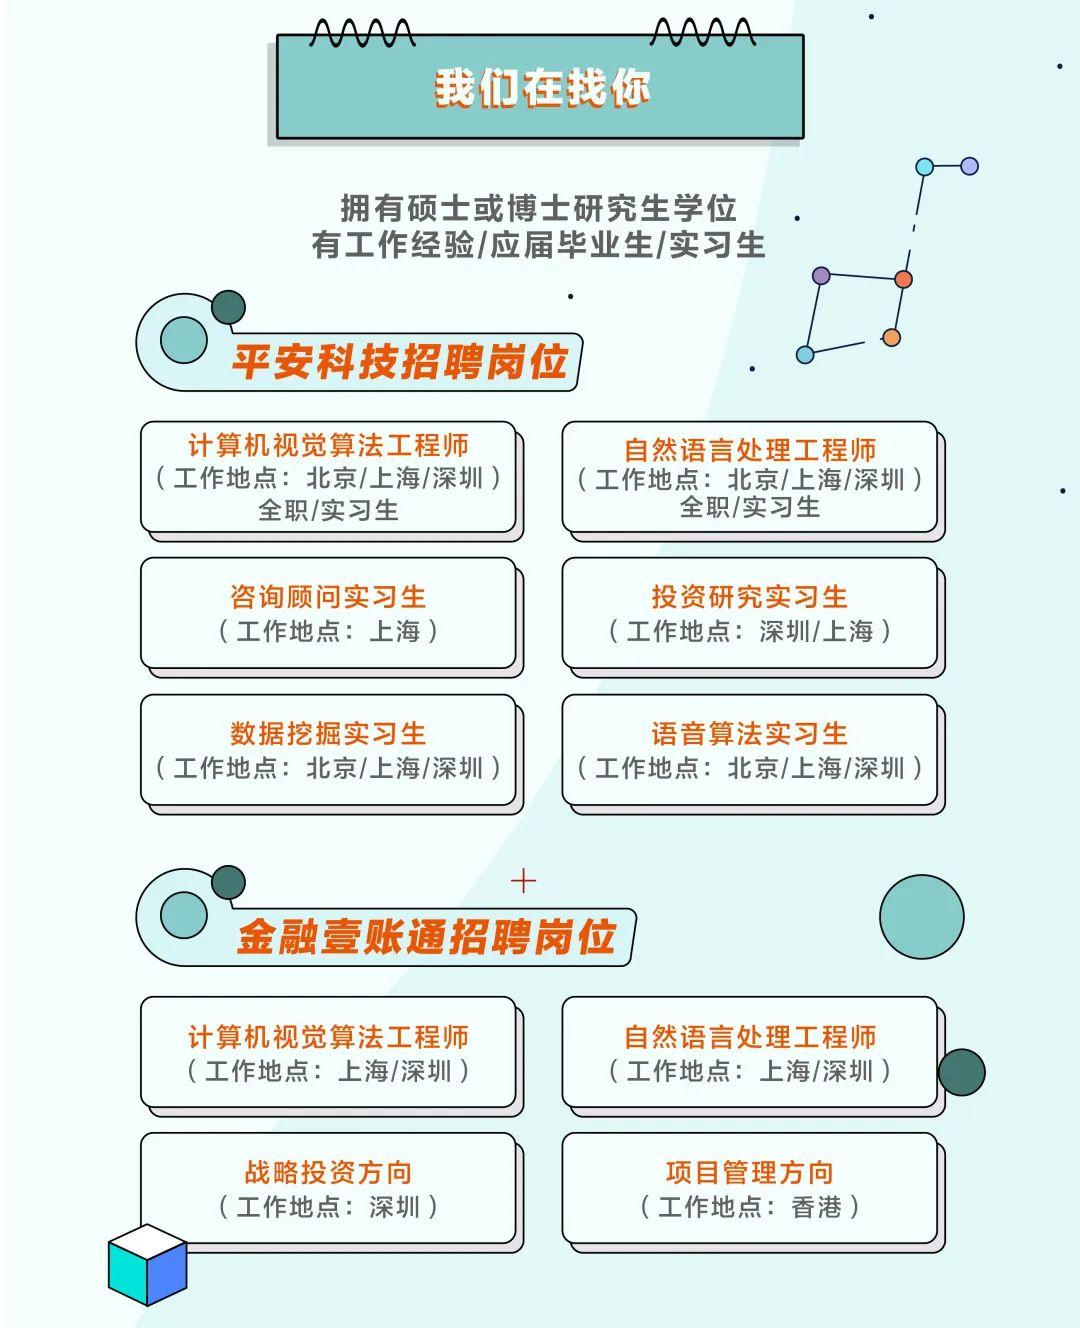 【就业咨询】平安科技&金融壹账通海外招聘联合行动开启